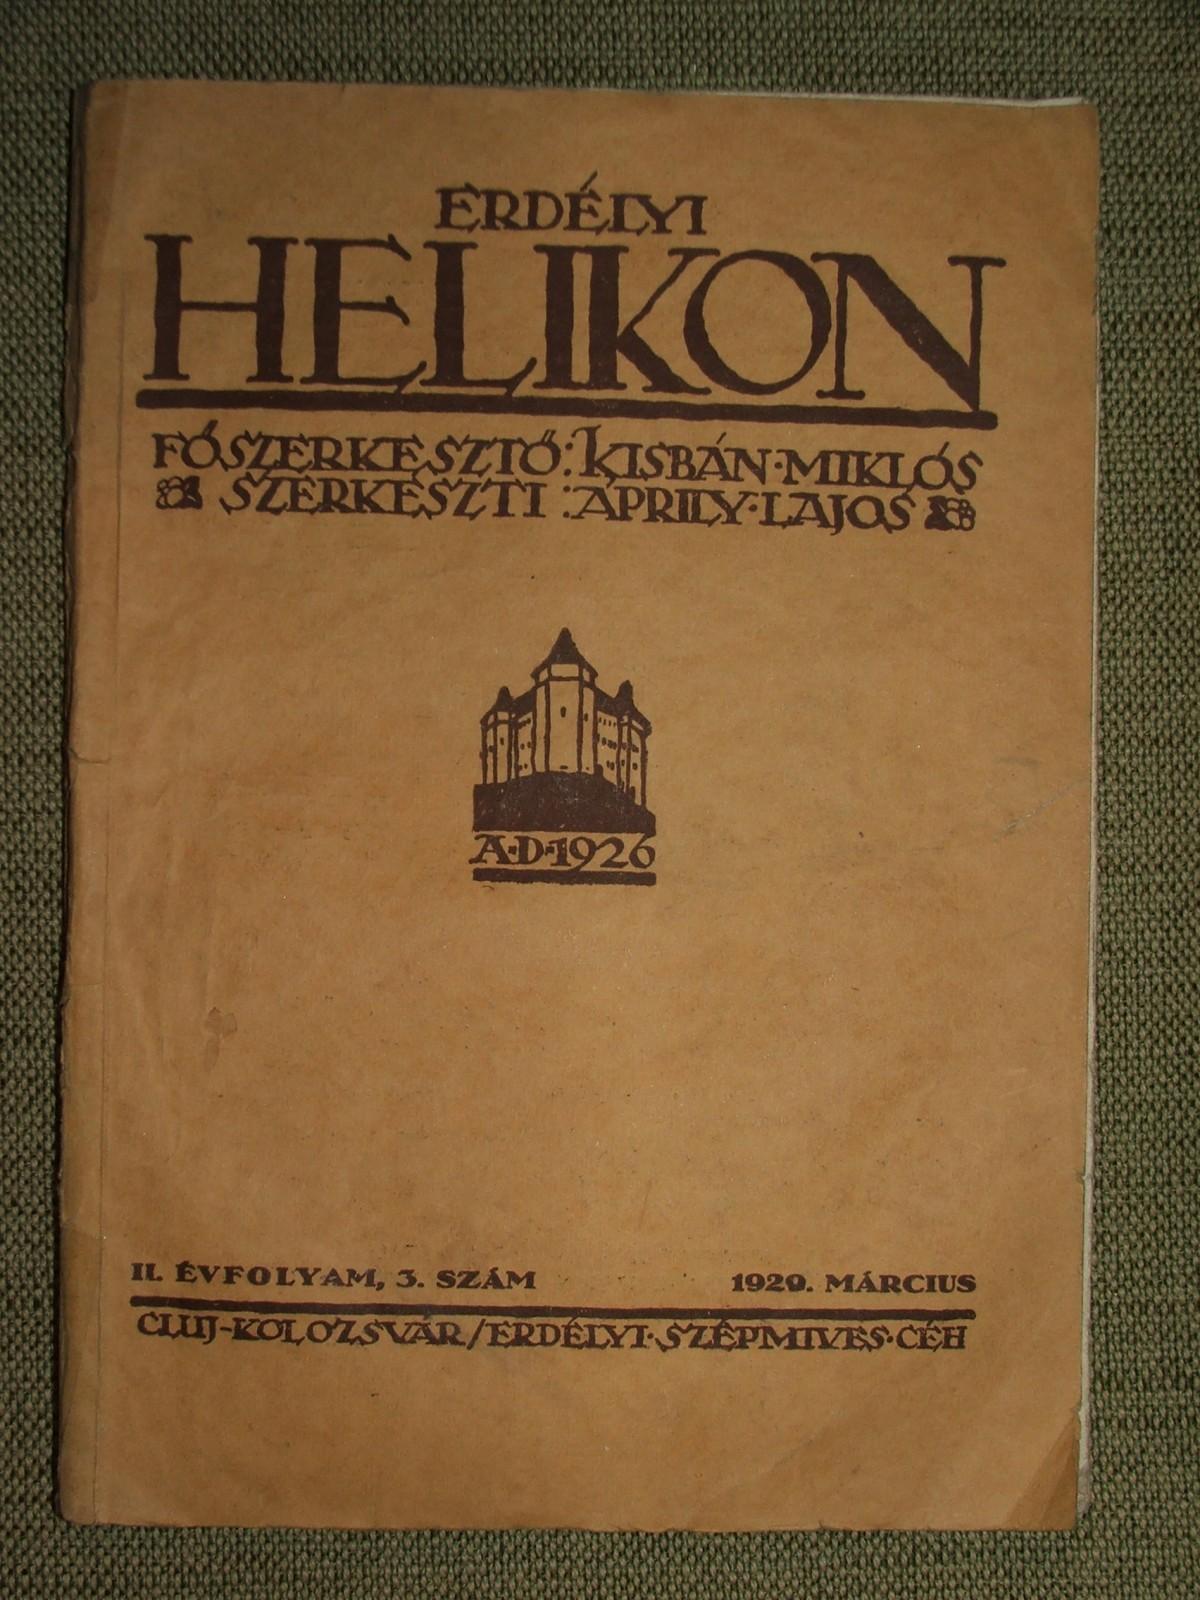 Erdélyi Helikon